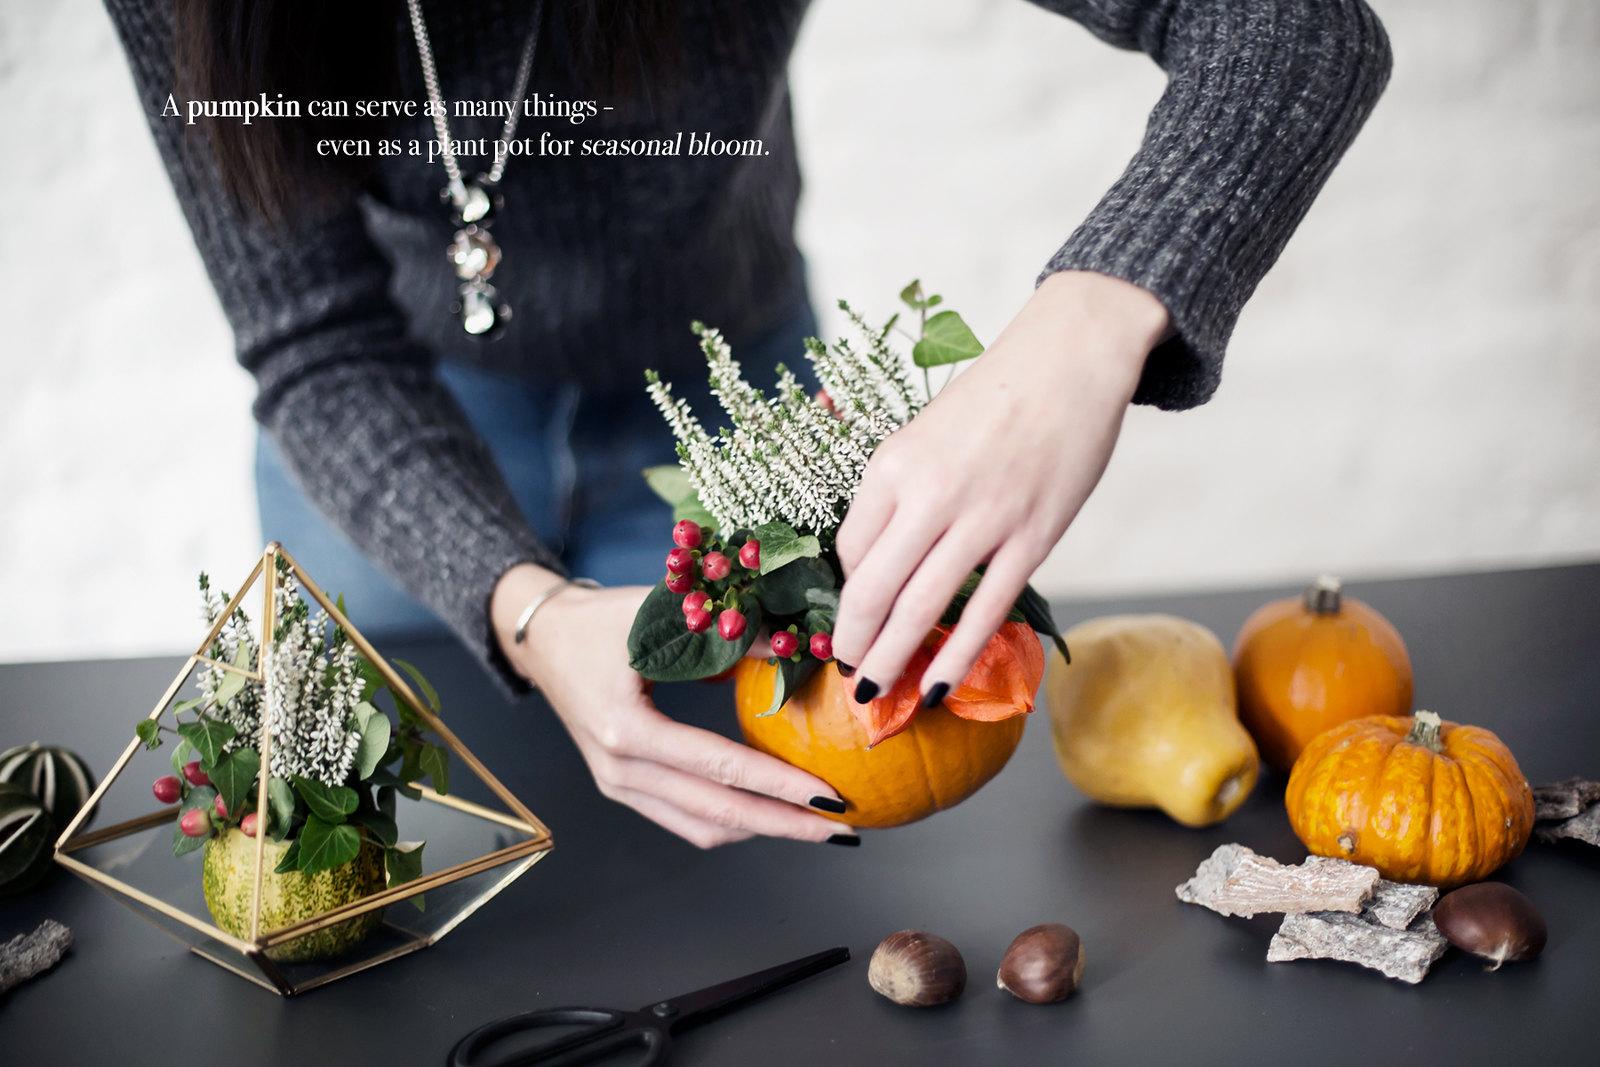 1000 gute gründe initiative pflanzen heide kürbis pumpkin pflanztöpfe gesteck halloween tischdekoration plant dinner style diy lifestyle modeblog germanblogger fashionblogger cats & dogs ricarda schernus 5